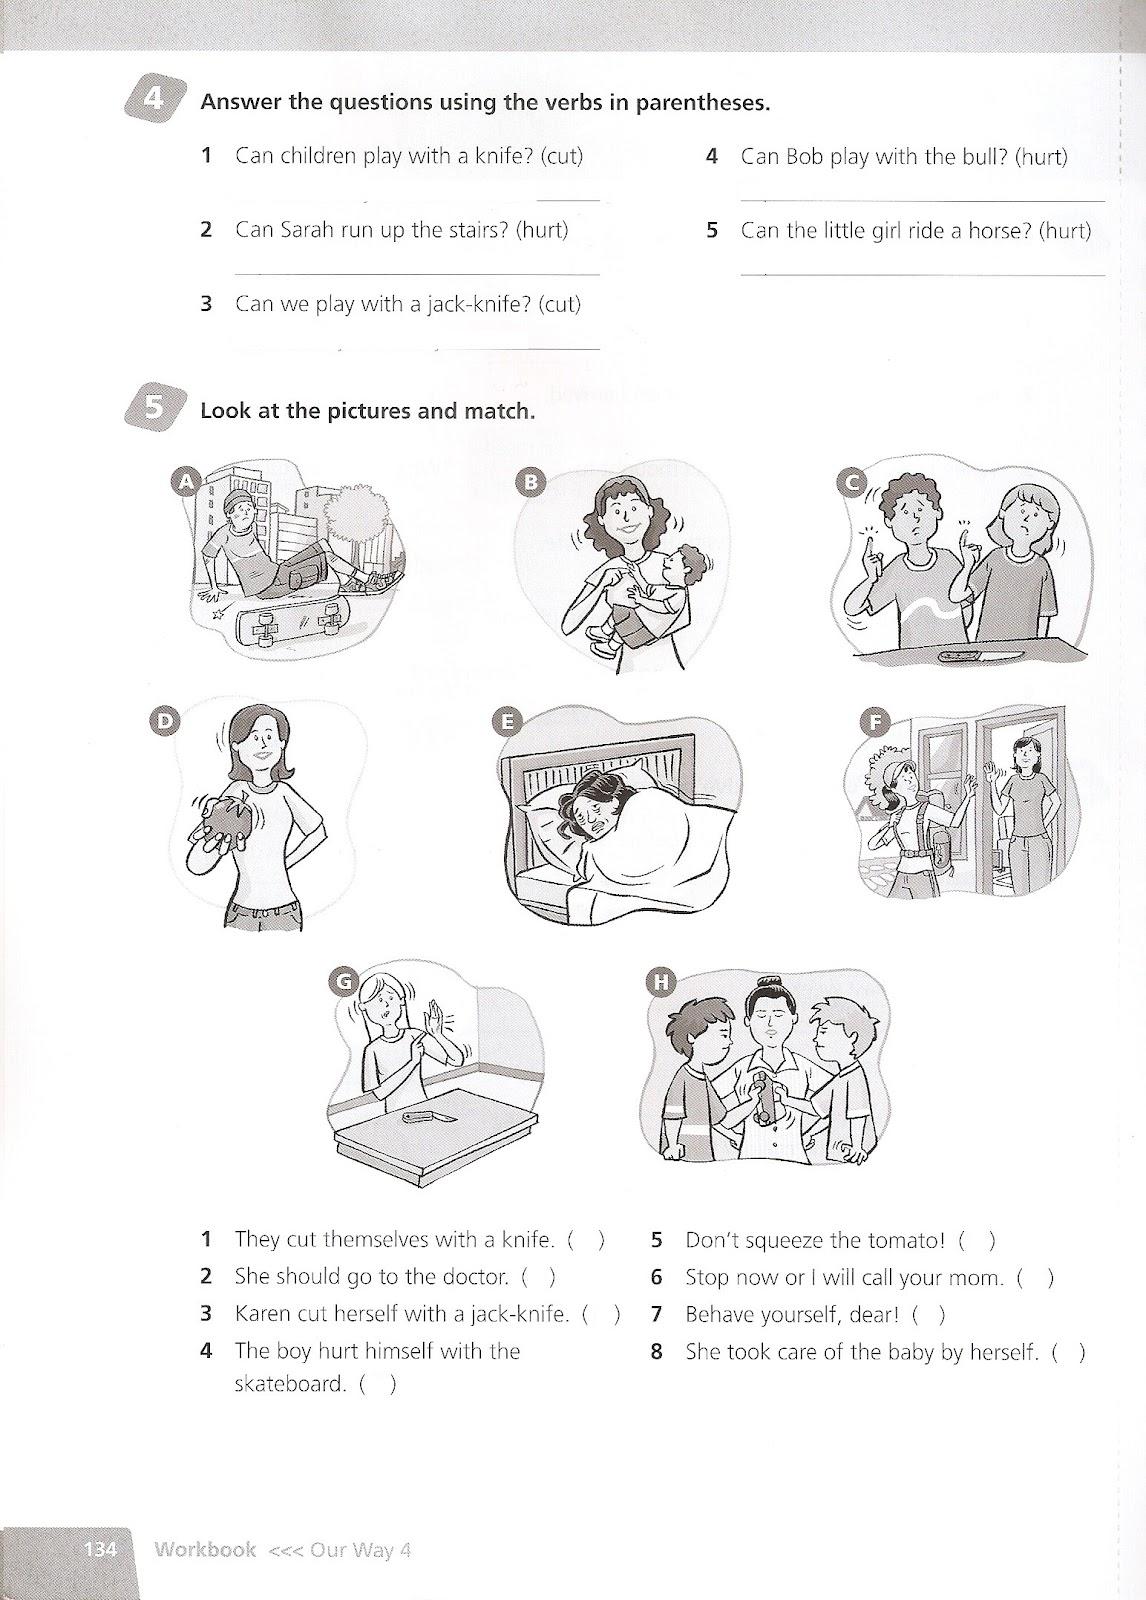 82 Atividades De Ingles Exercicios Ens Fundamental I E Ii